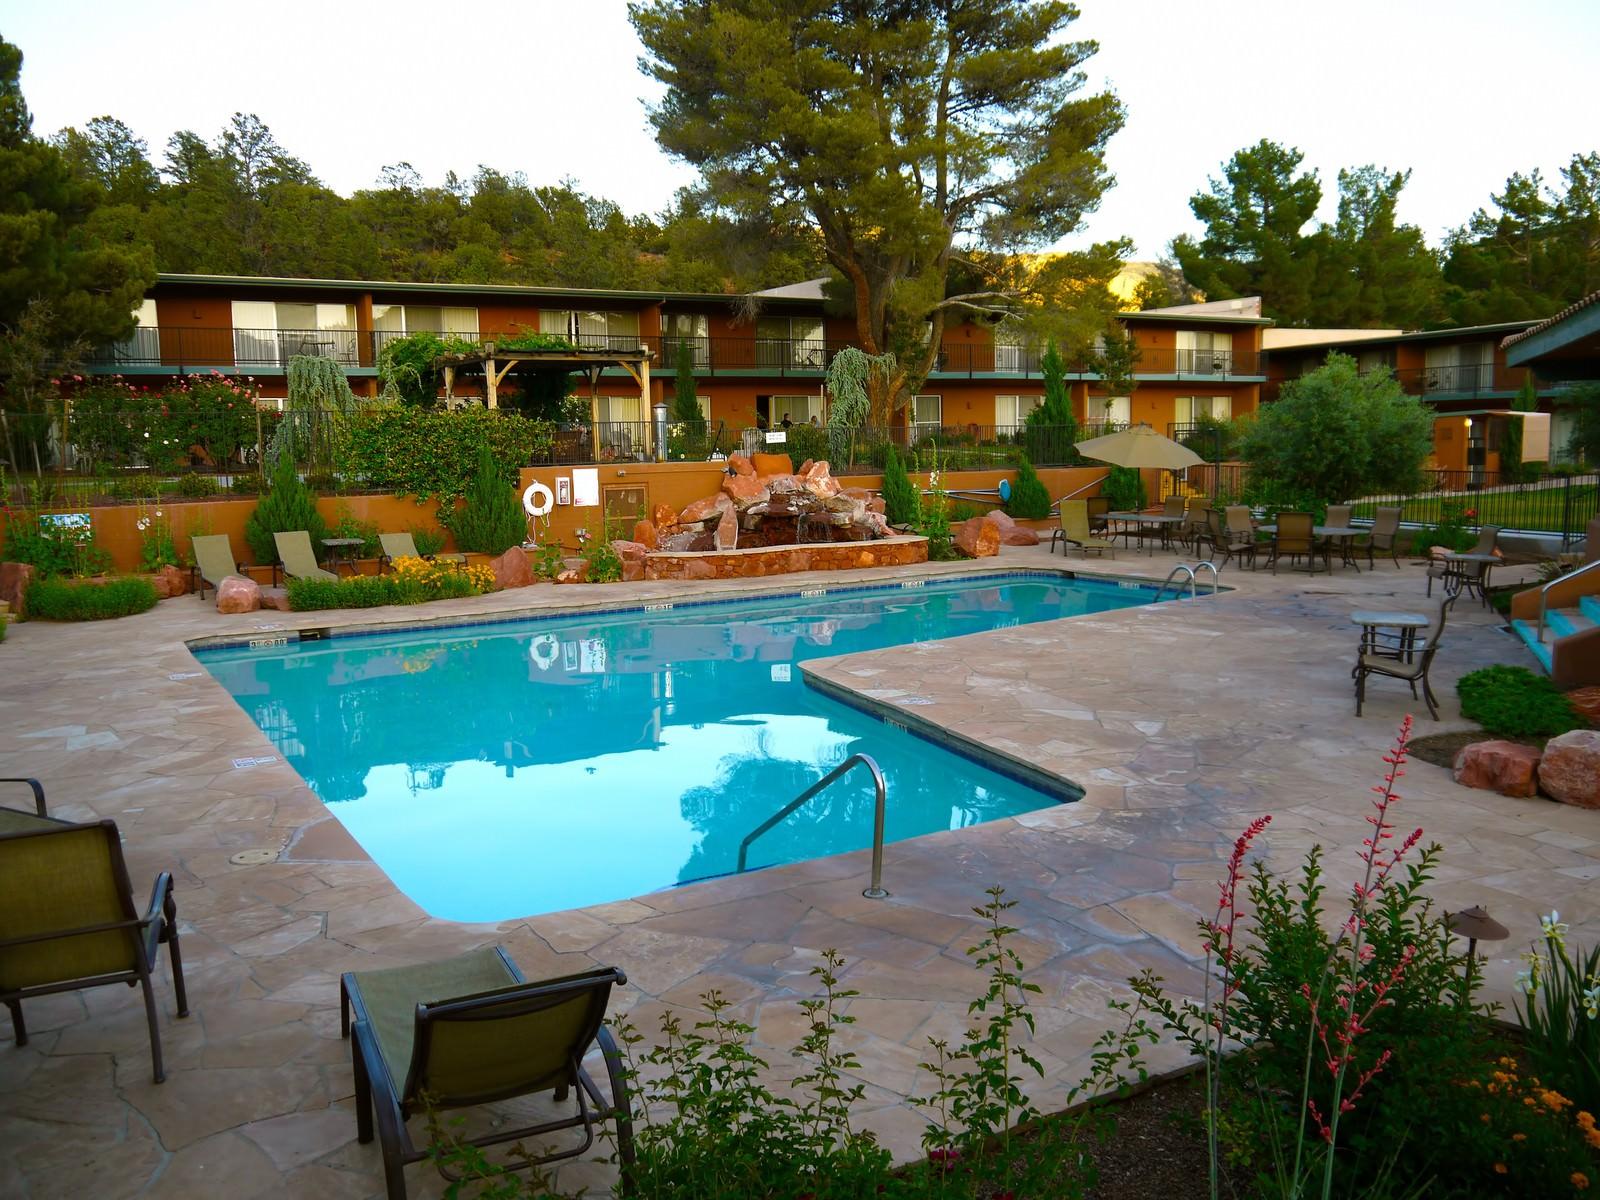 「キングスランサムホテルのプール」の写真